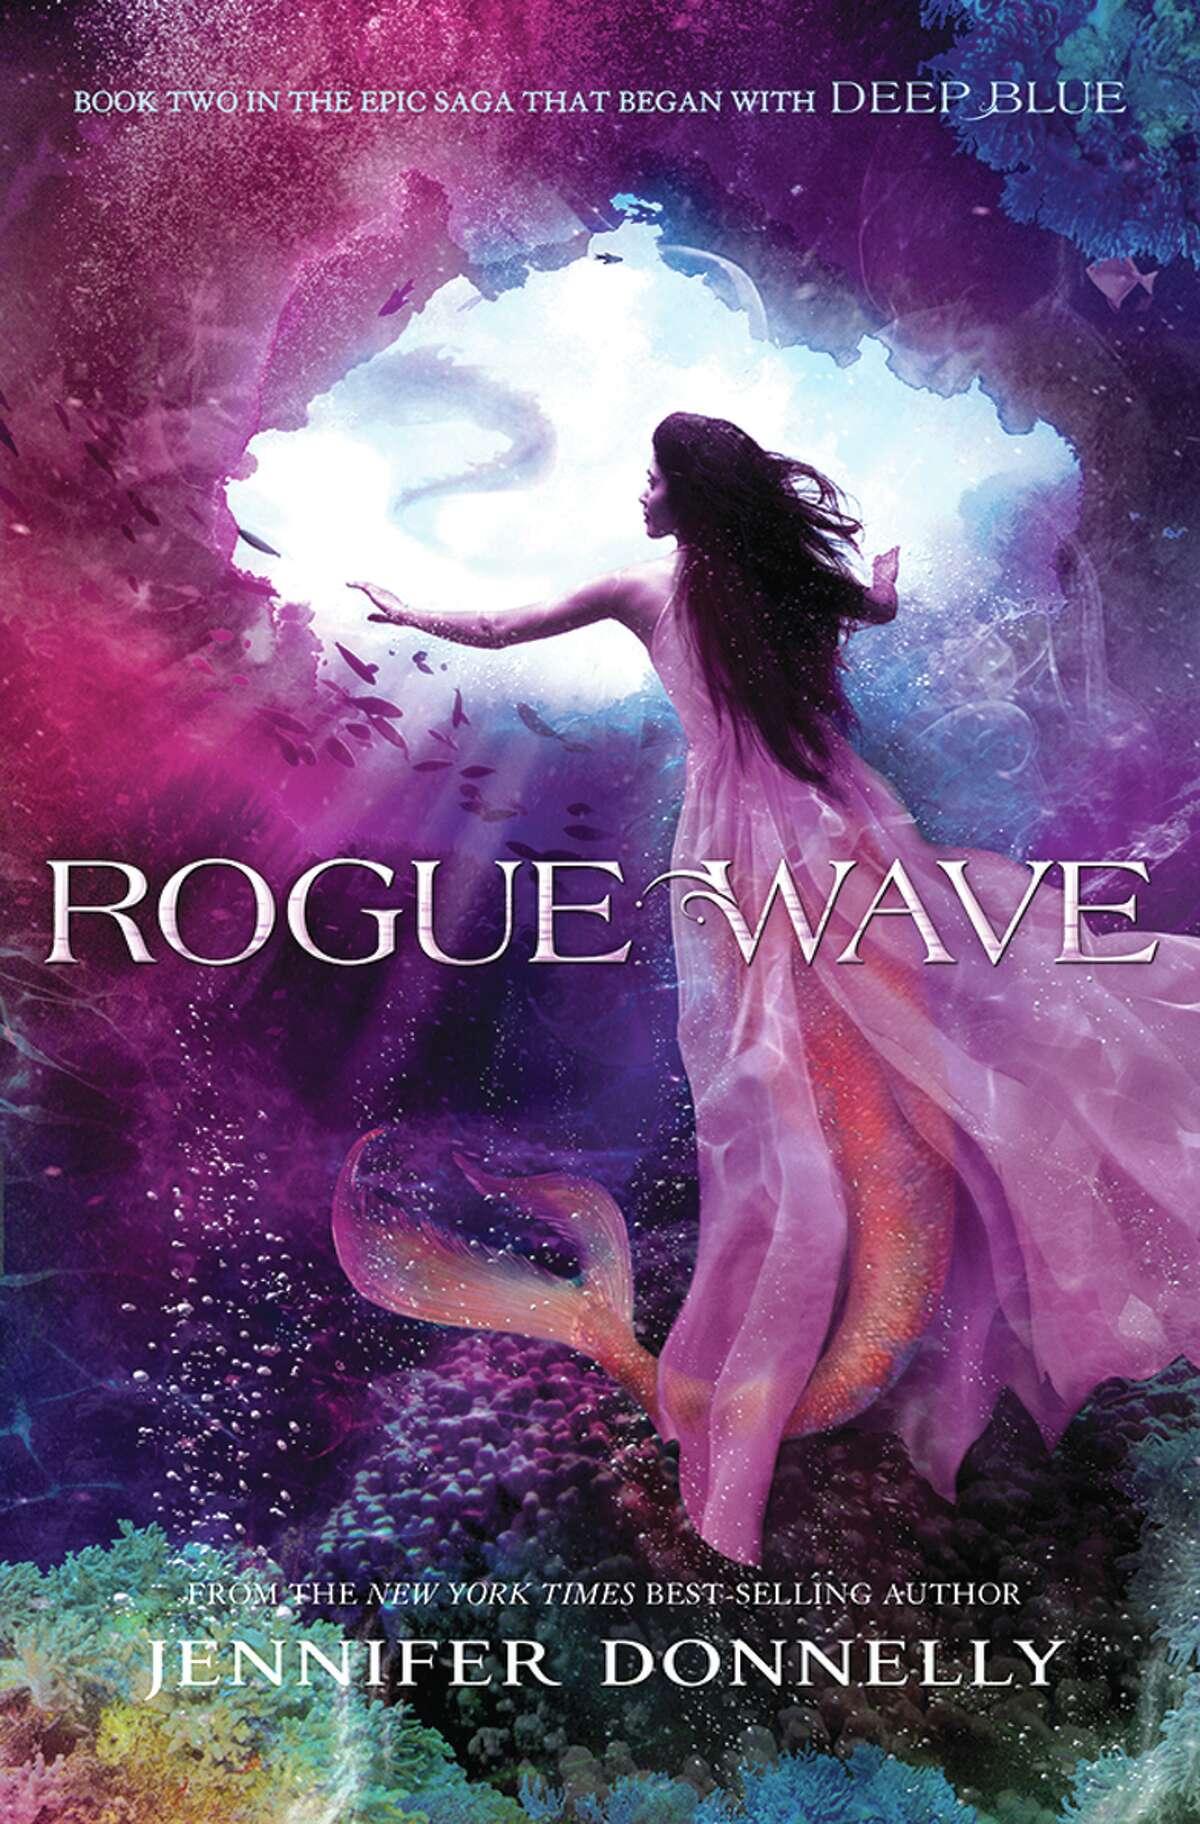 ?Rogue Wave,? by Jennifer Donnelly